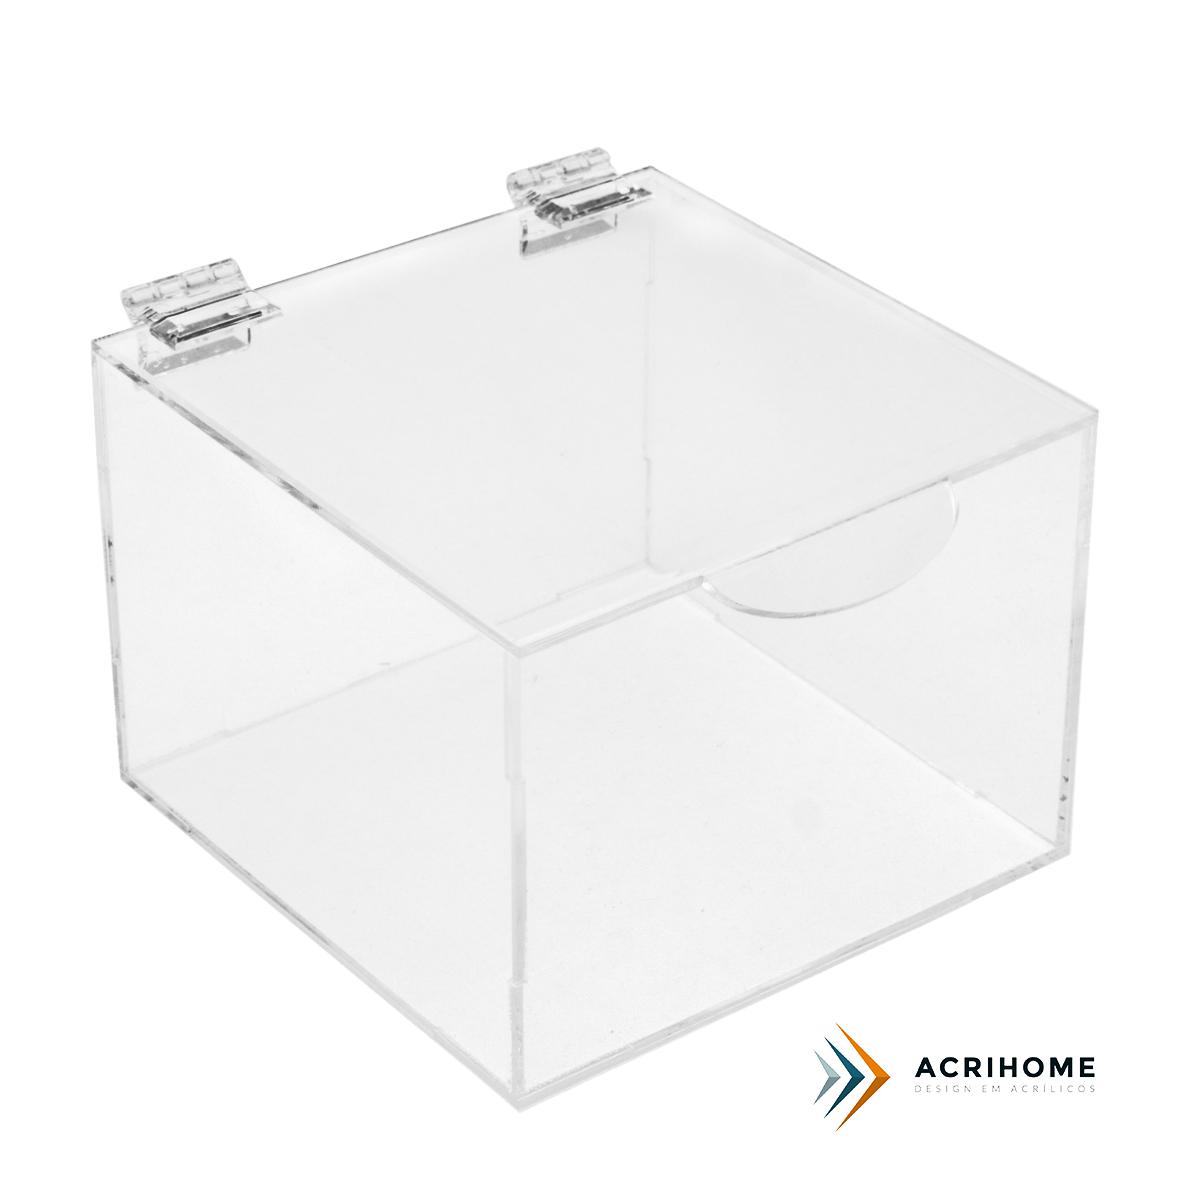 caixa organizadora de acrílico